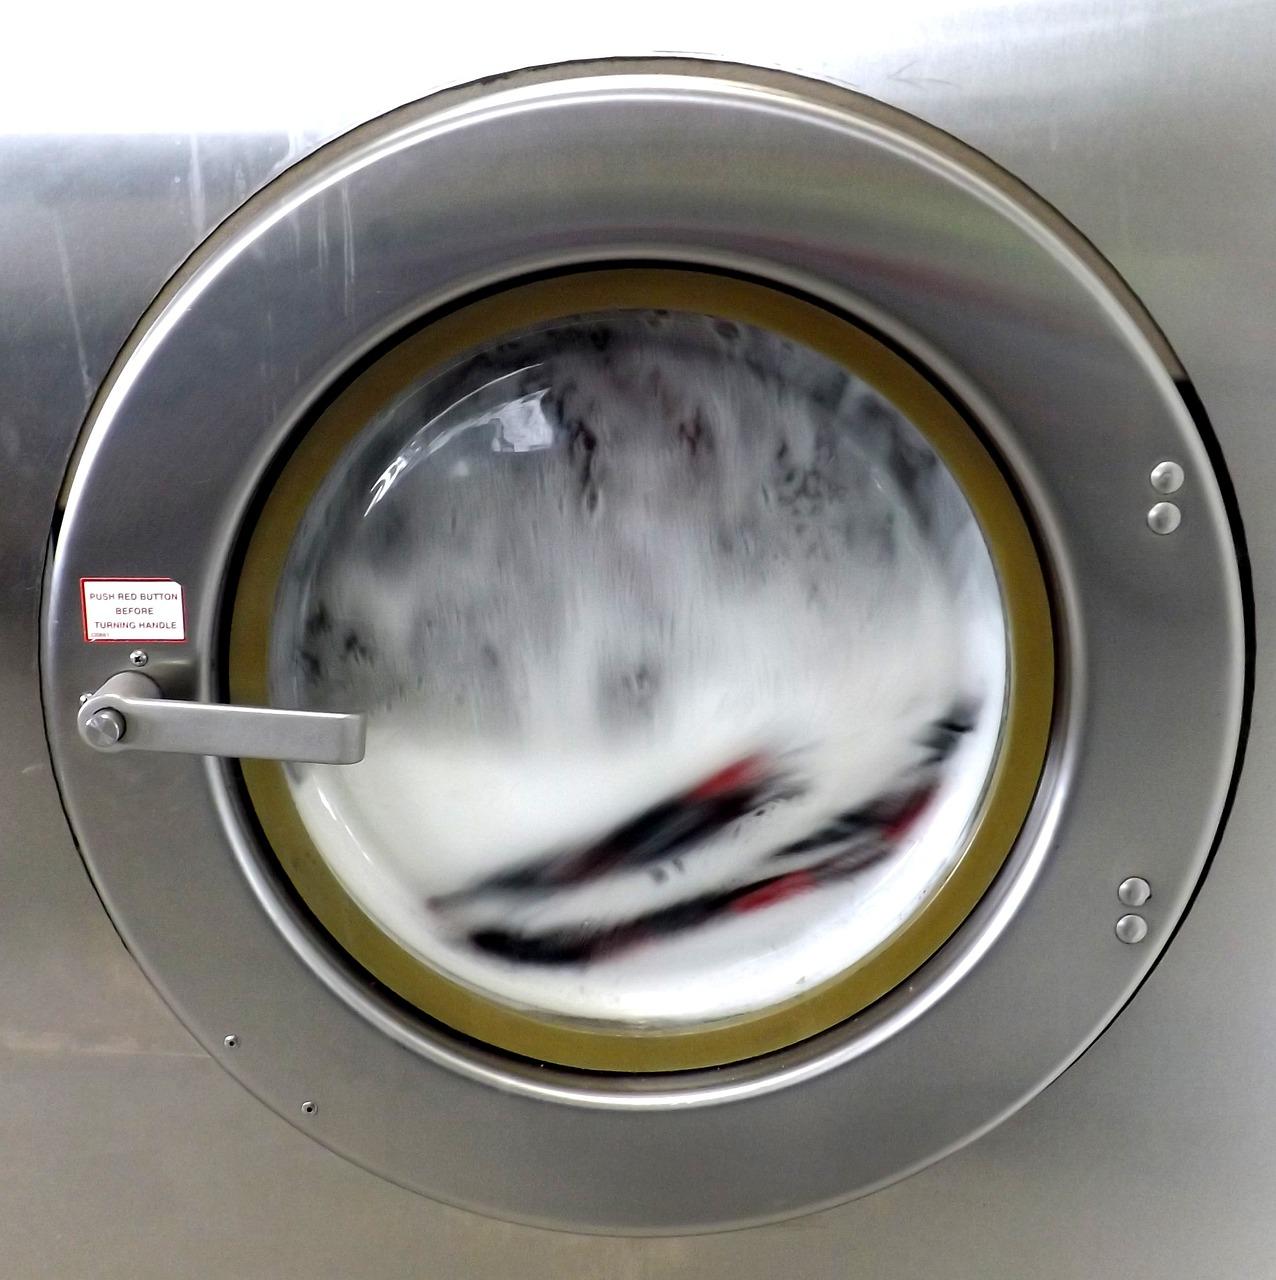 洗濯機の振動の原因について | 振動を抑えるおすすめグッズをご紹介!のサムネイル画像